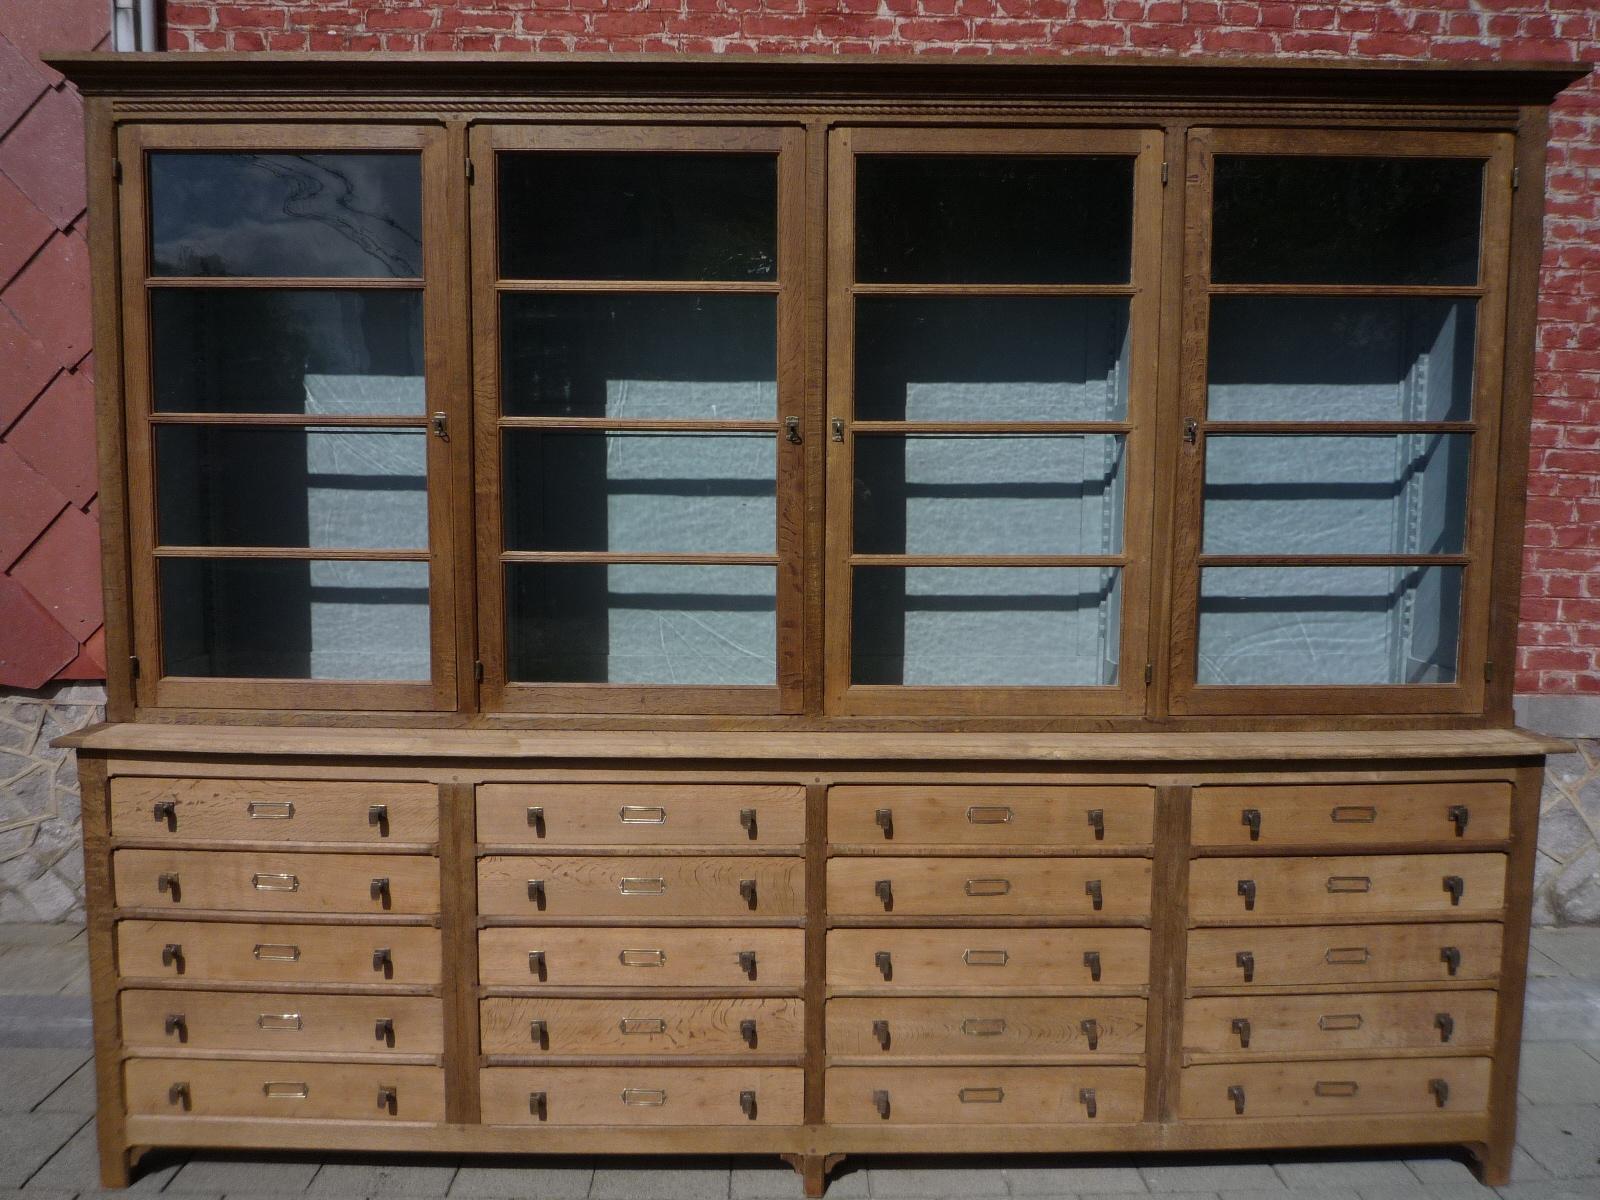 Magasin de meuble en belgique - Usine meuble belgique ...